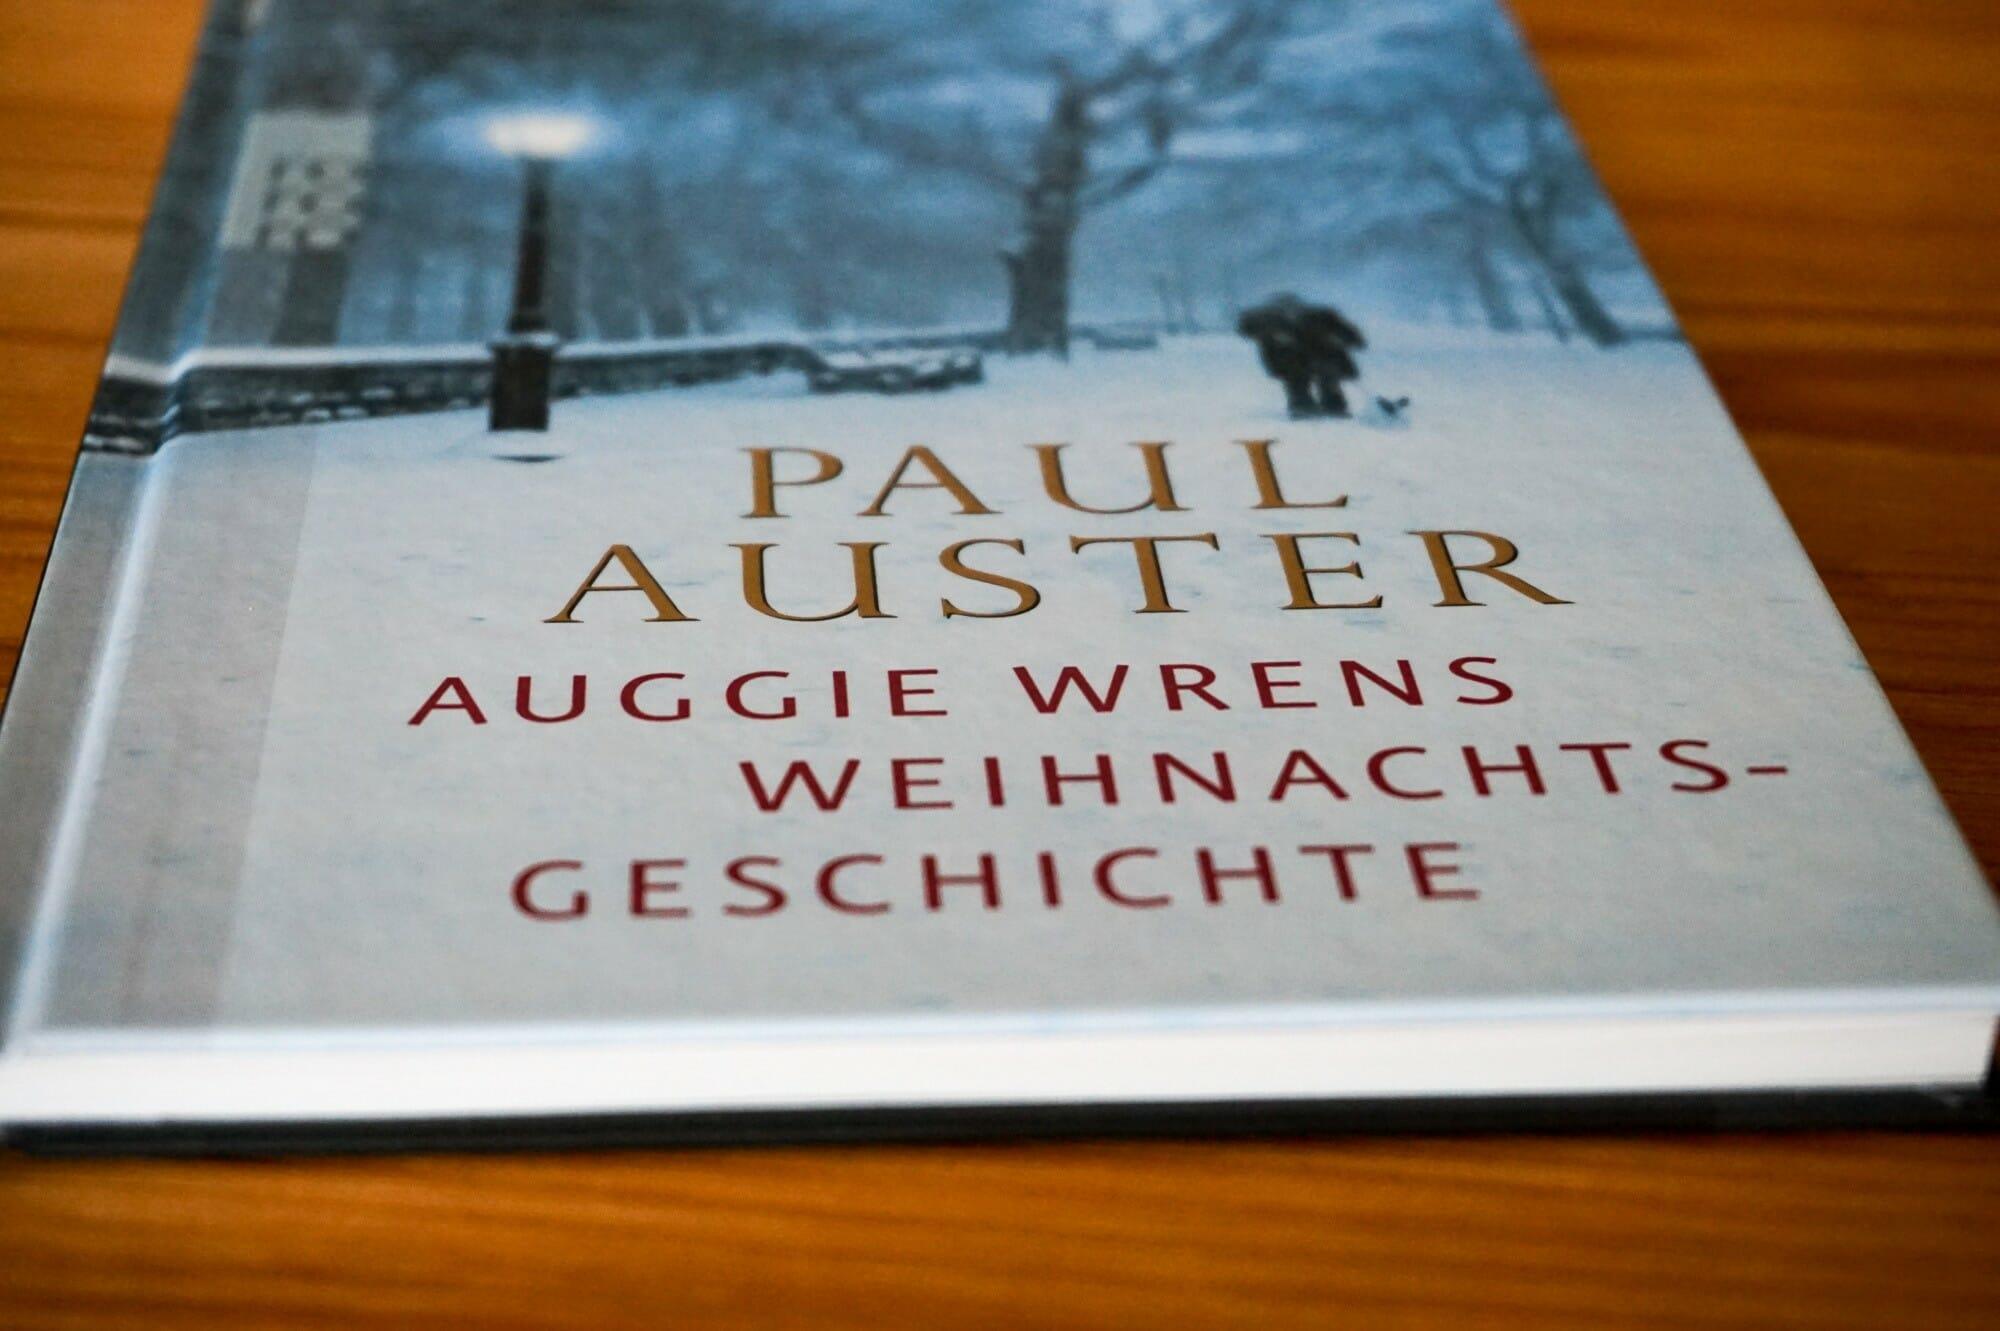 Wahrheit und Wirklichkeit: »Auggie Wrens Weihnachtsgeschichte« von Paul Auster